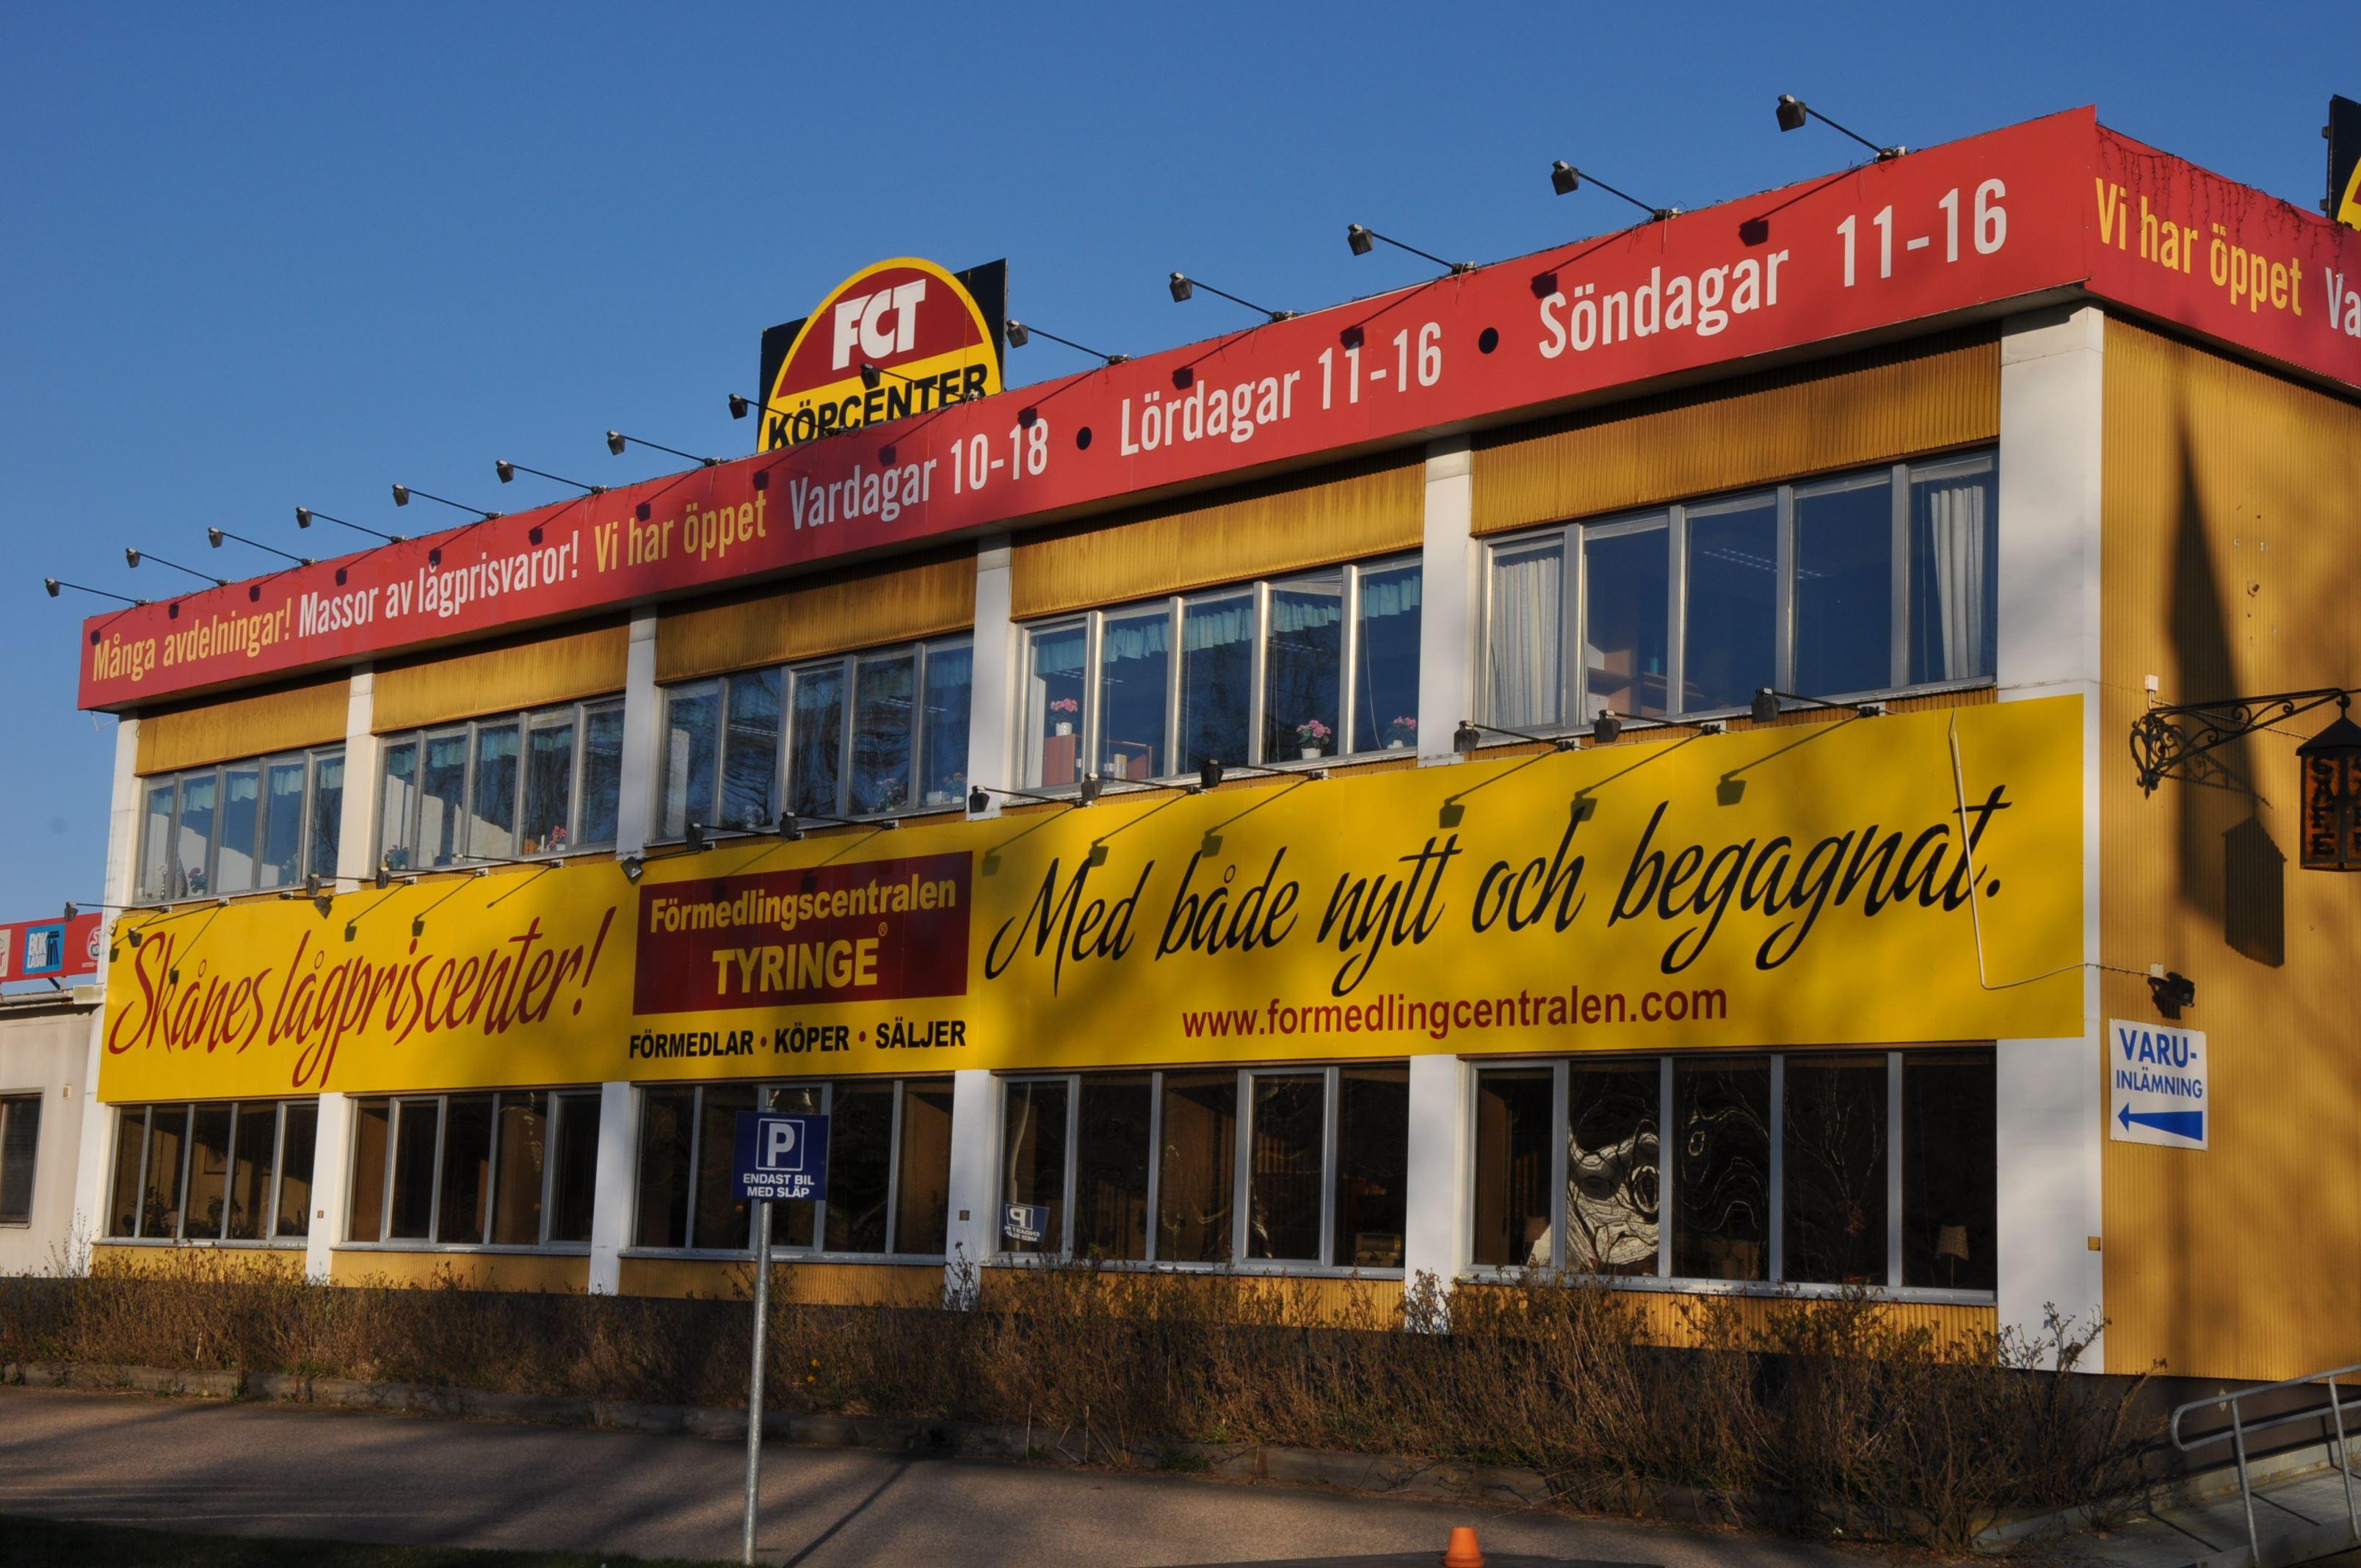 FCT Köpcenter Tyringe - Skånes Lågpriscenter